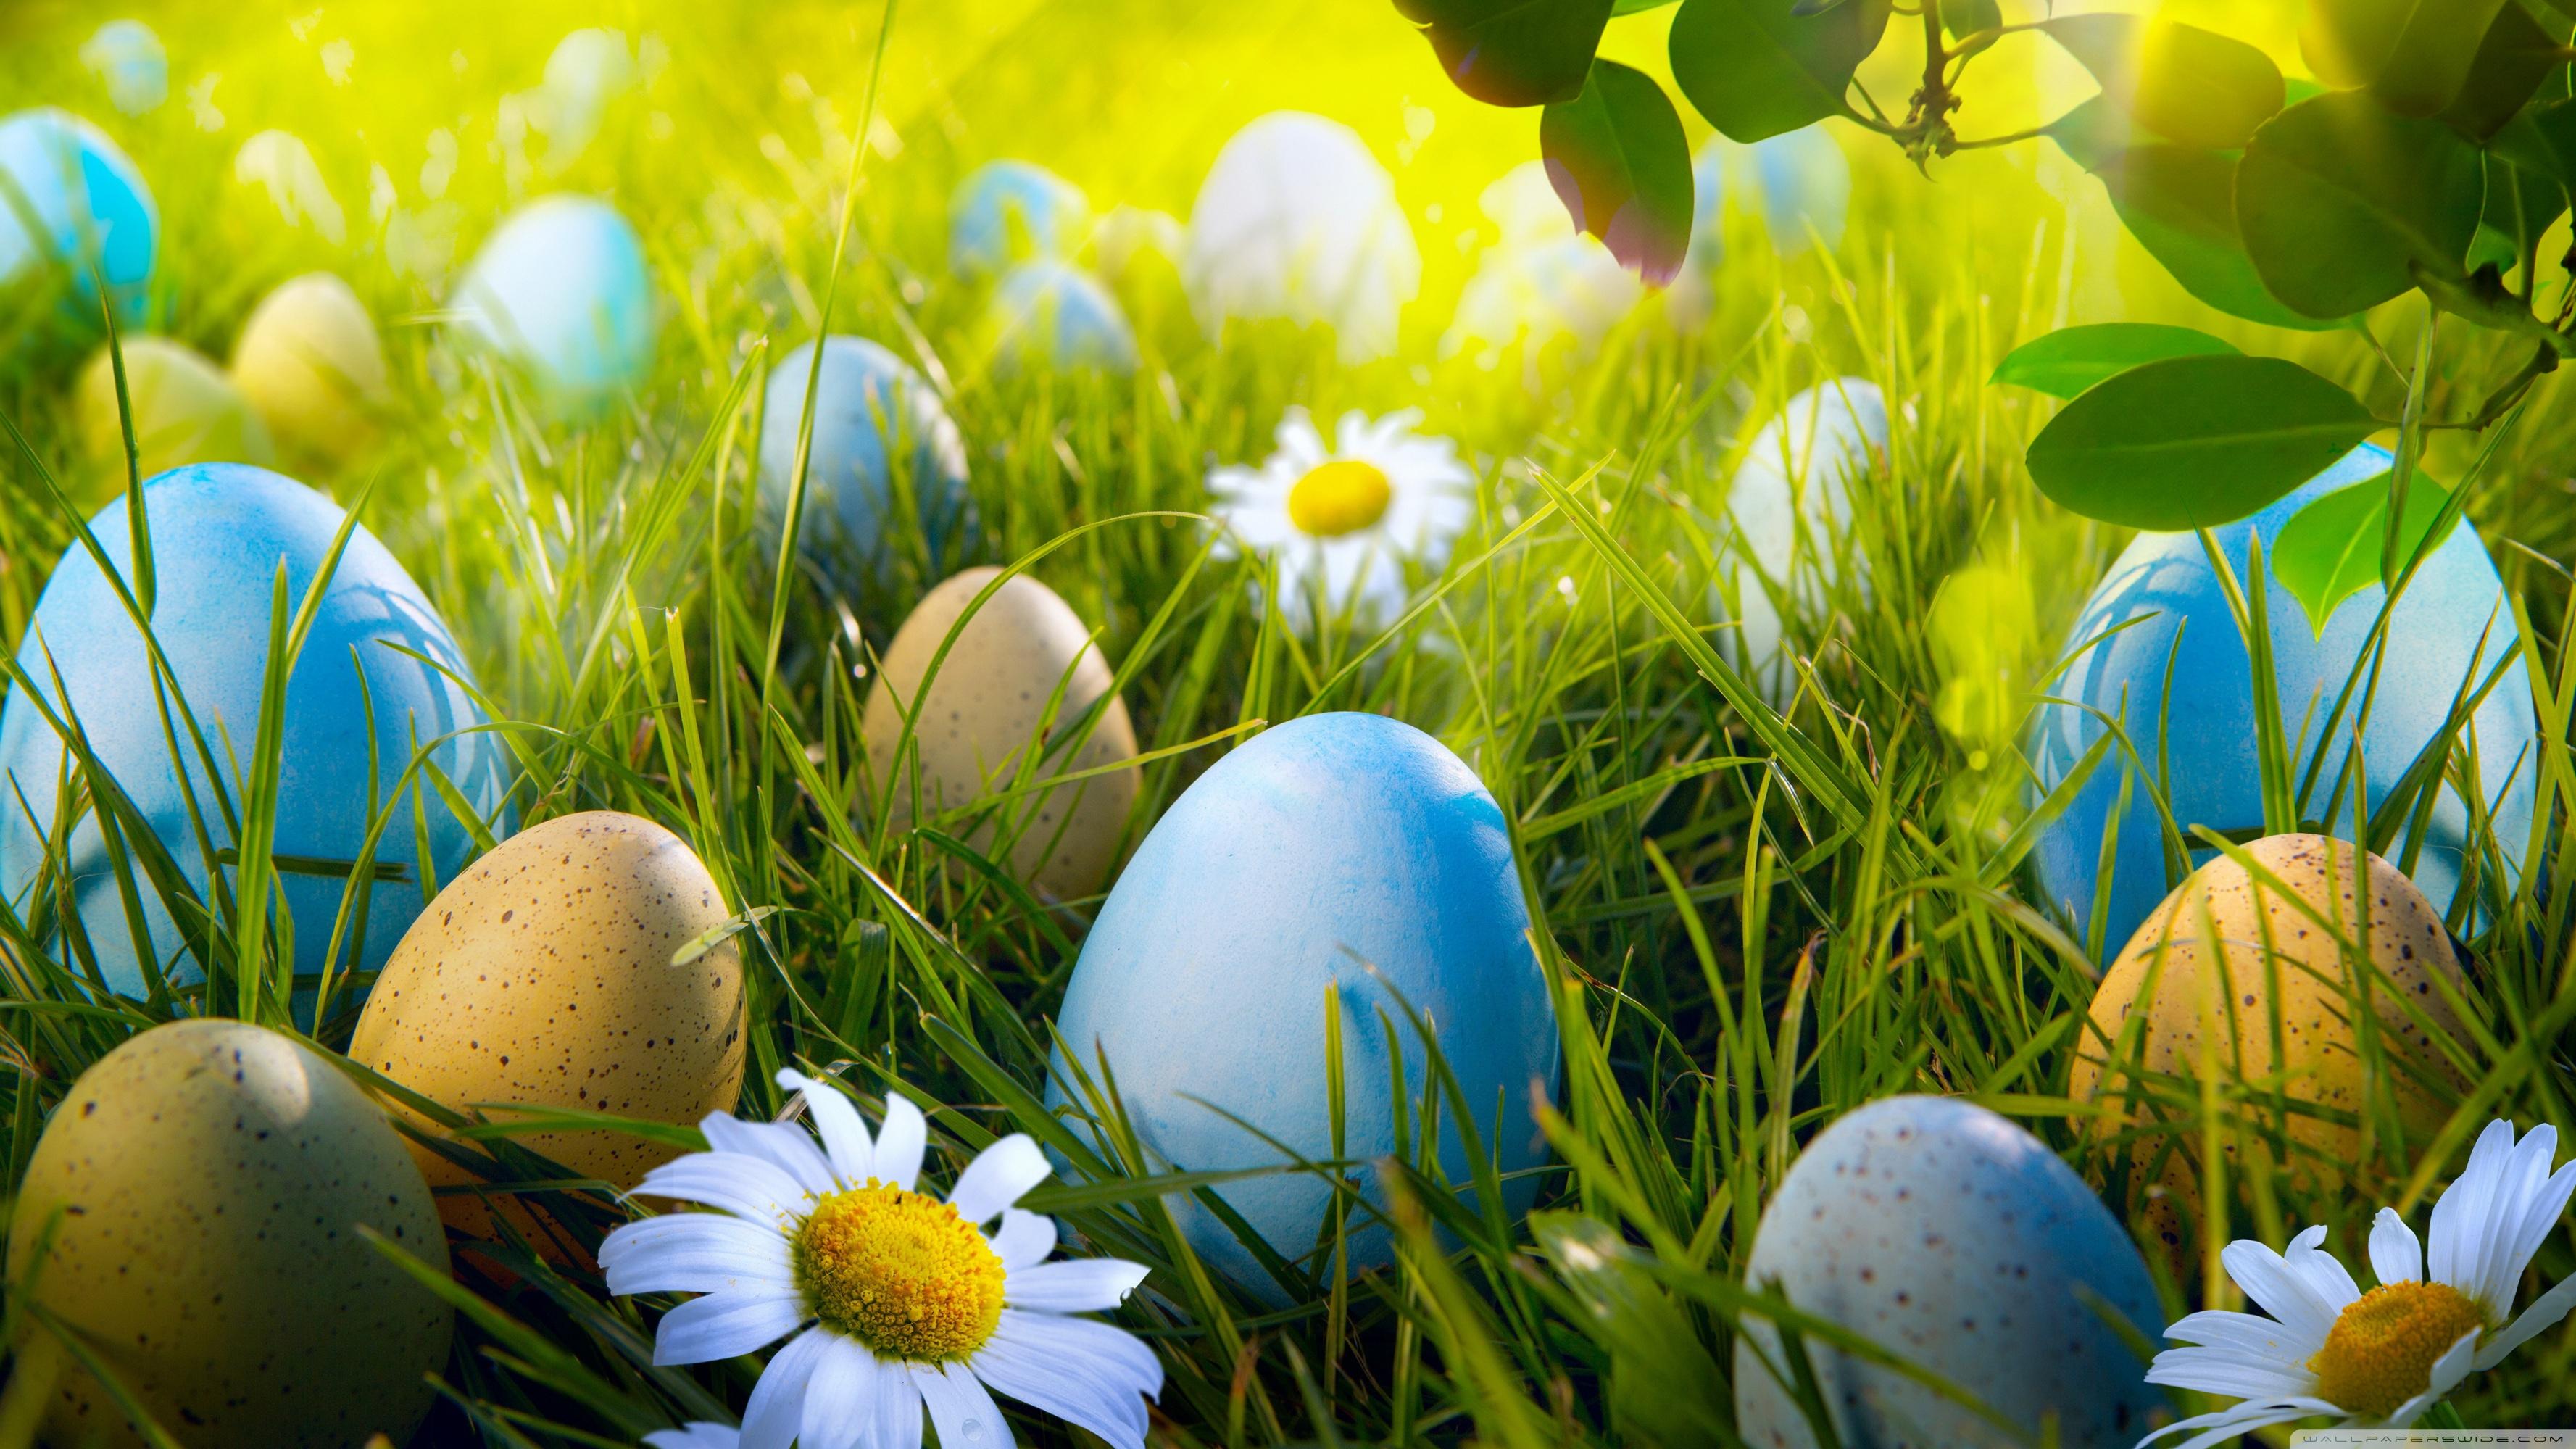 Desktop Wallpaper Easter Eggs 200258   Easter Background 3554x1999